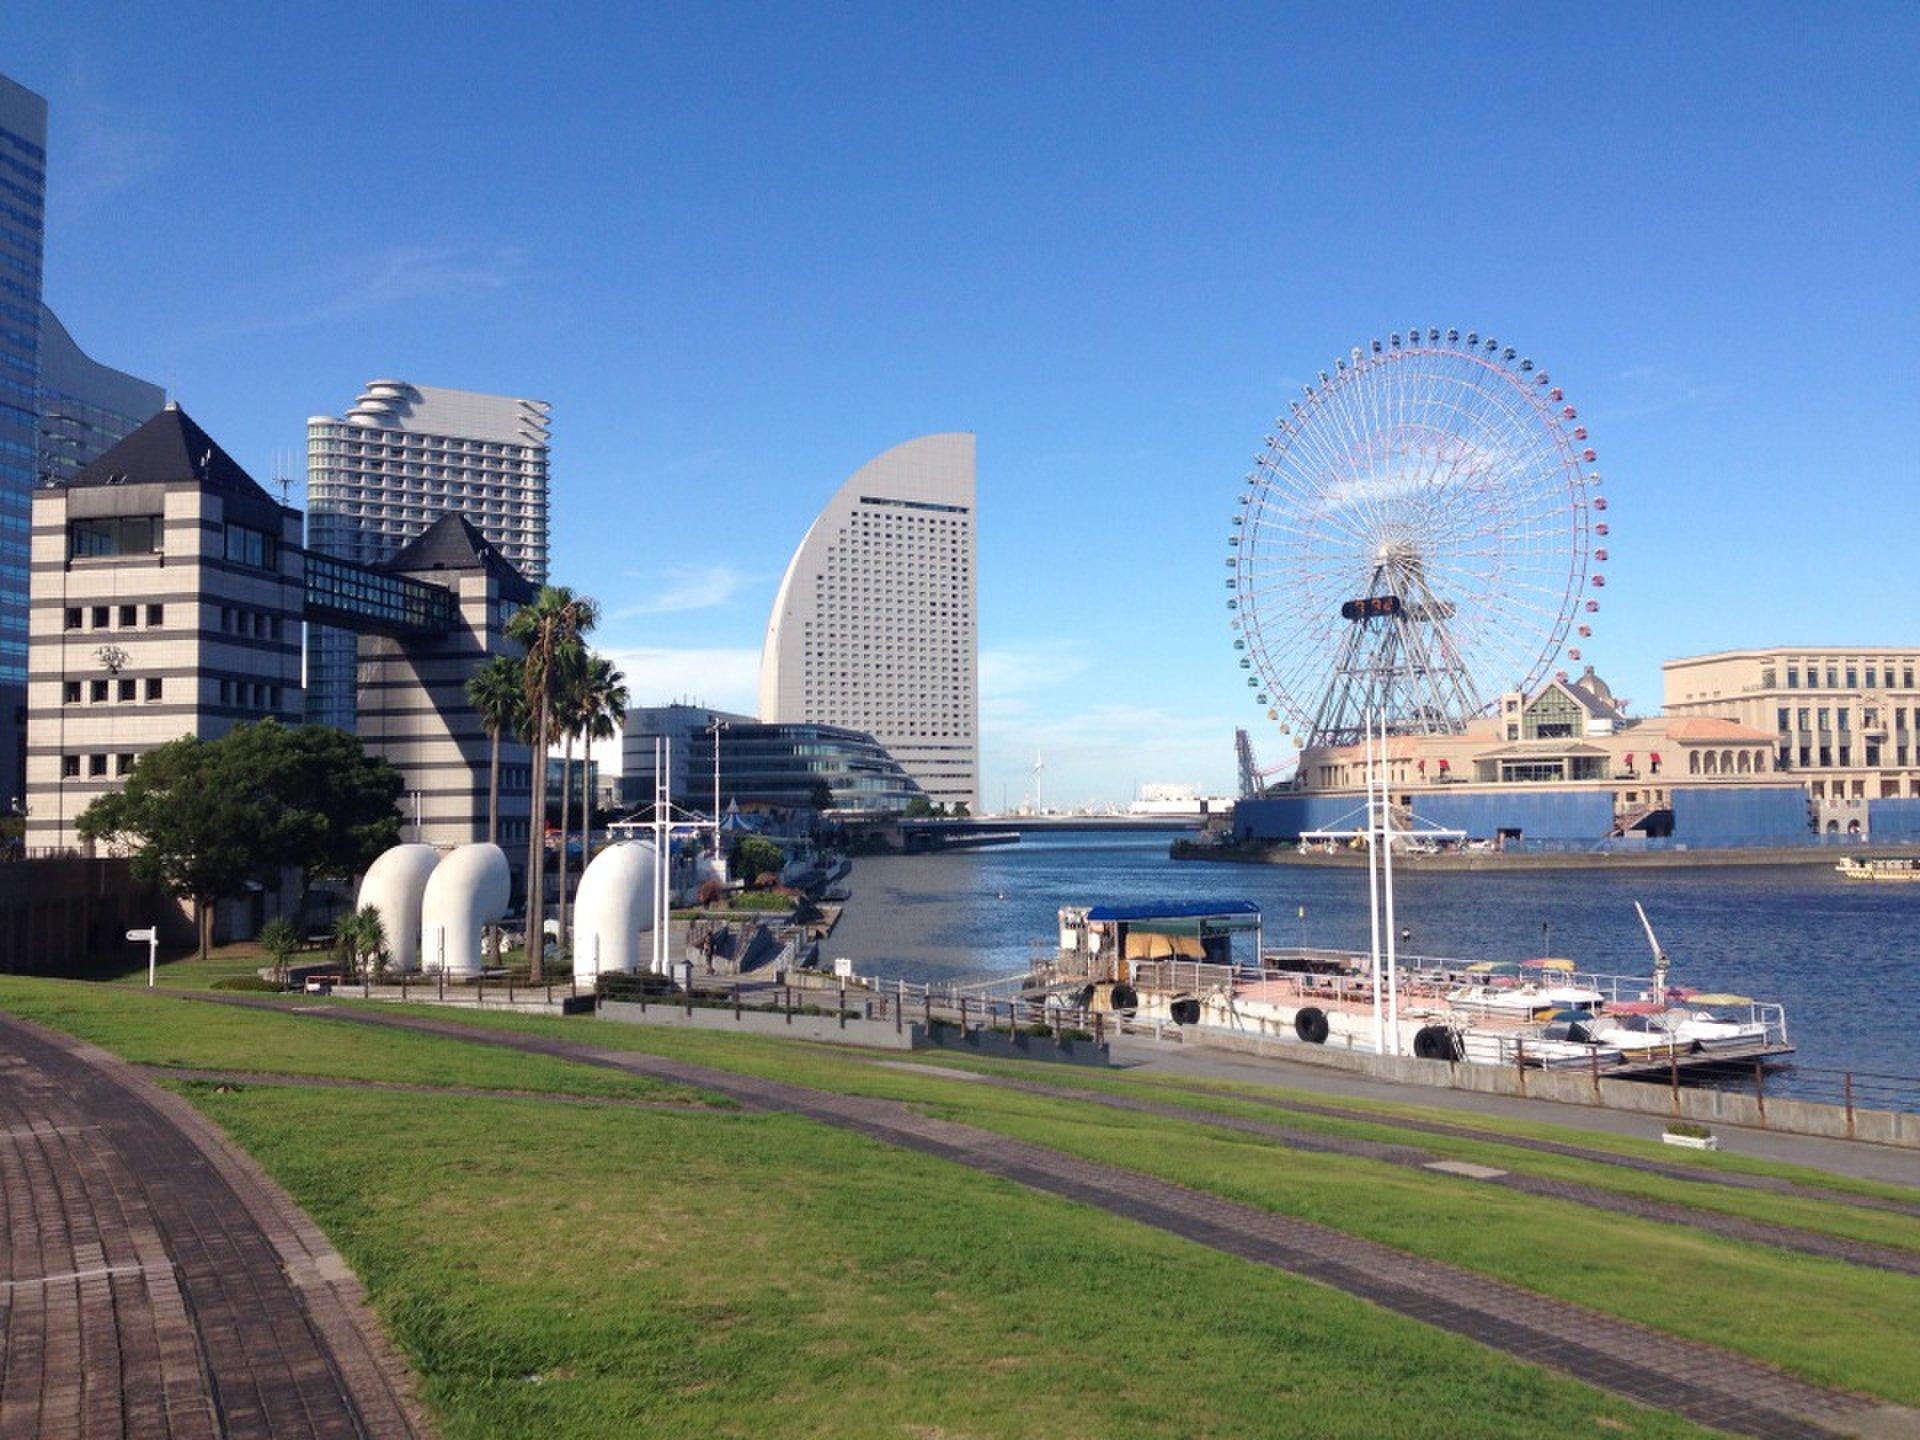 横浜・観光コース!学校終わりにおすすめスポットを散歩しながらデート!